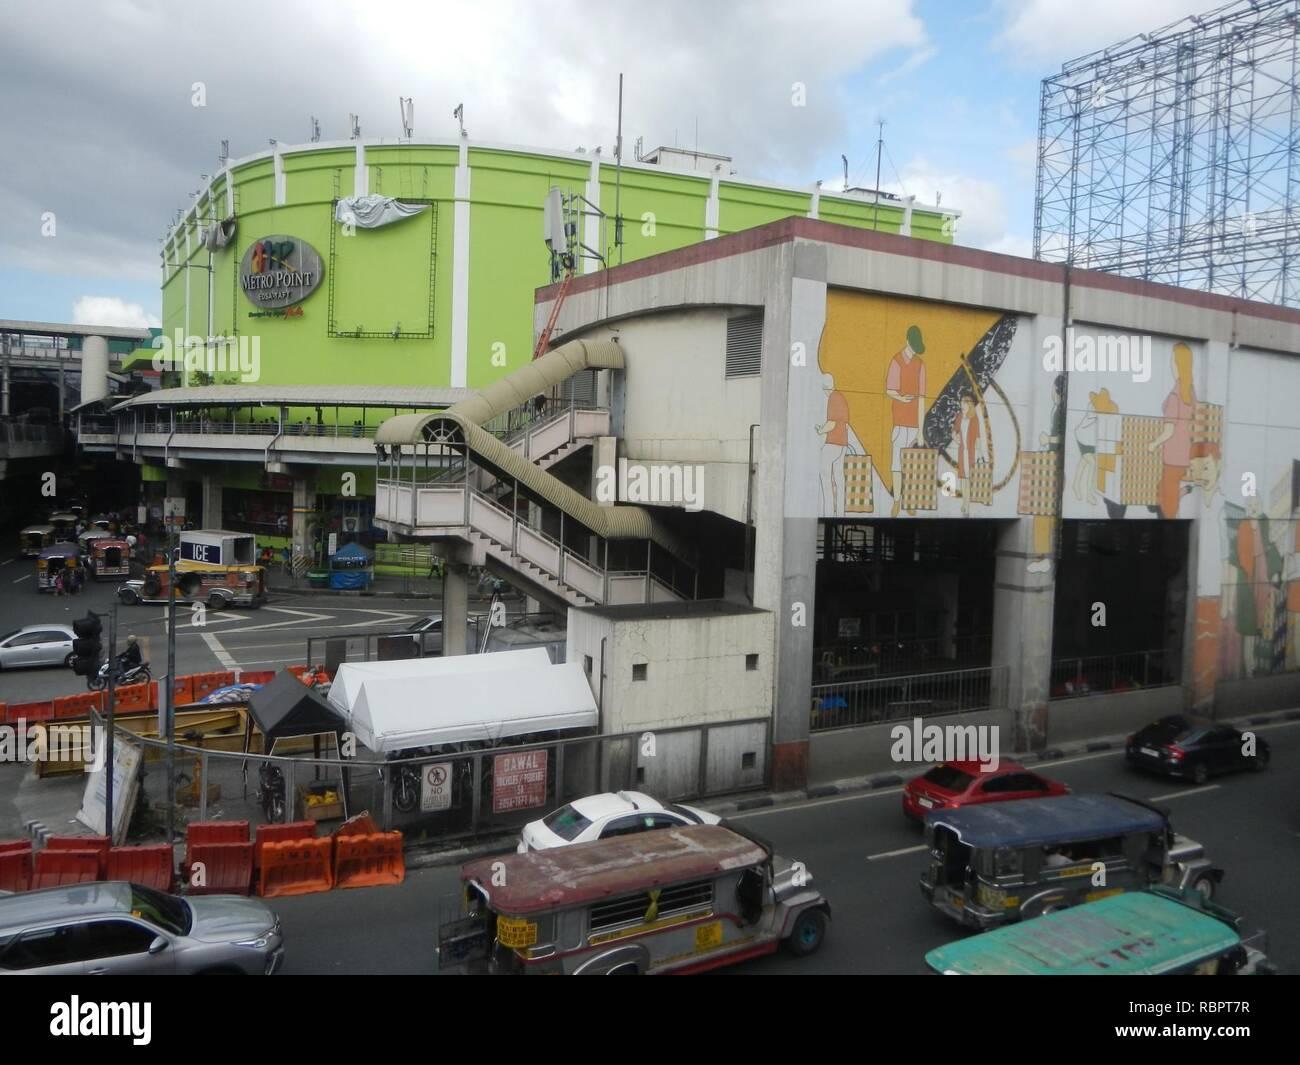 0016jfjfEDSA Taft Avenue MRT Station LRT Footbridge Pasay Cityfvf 03. - Stock Image